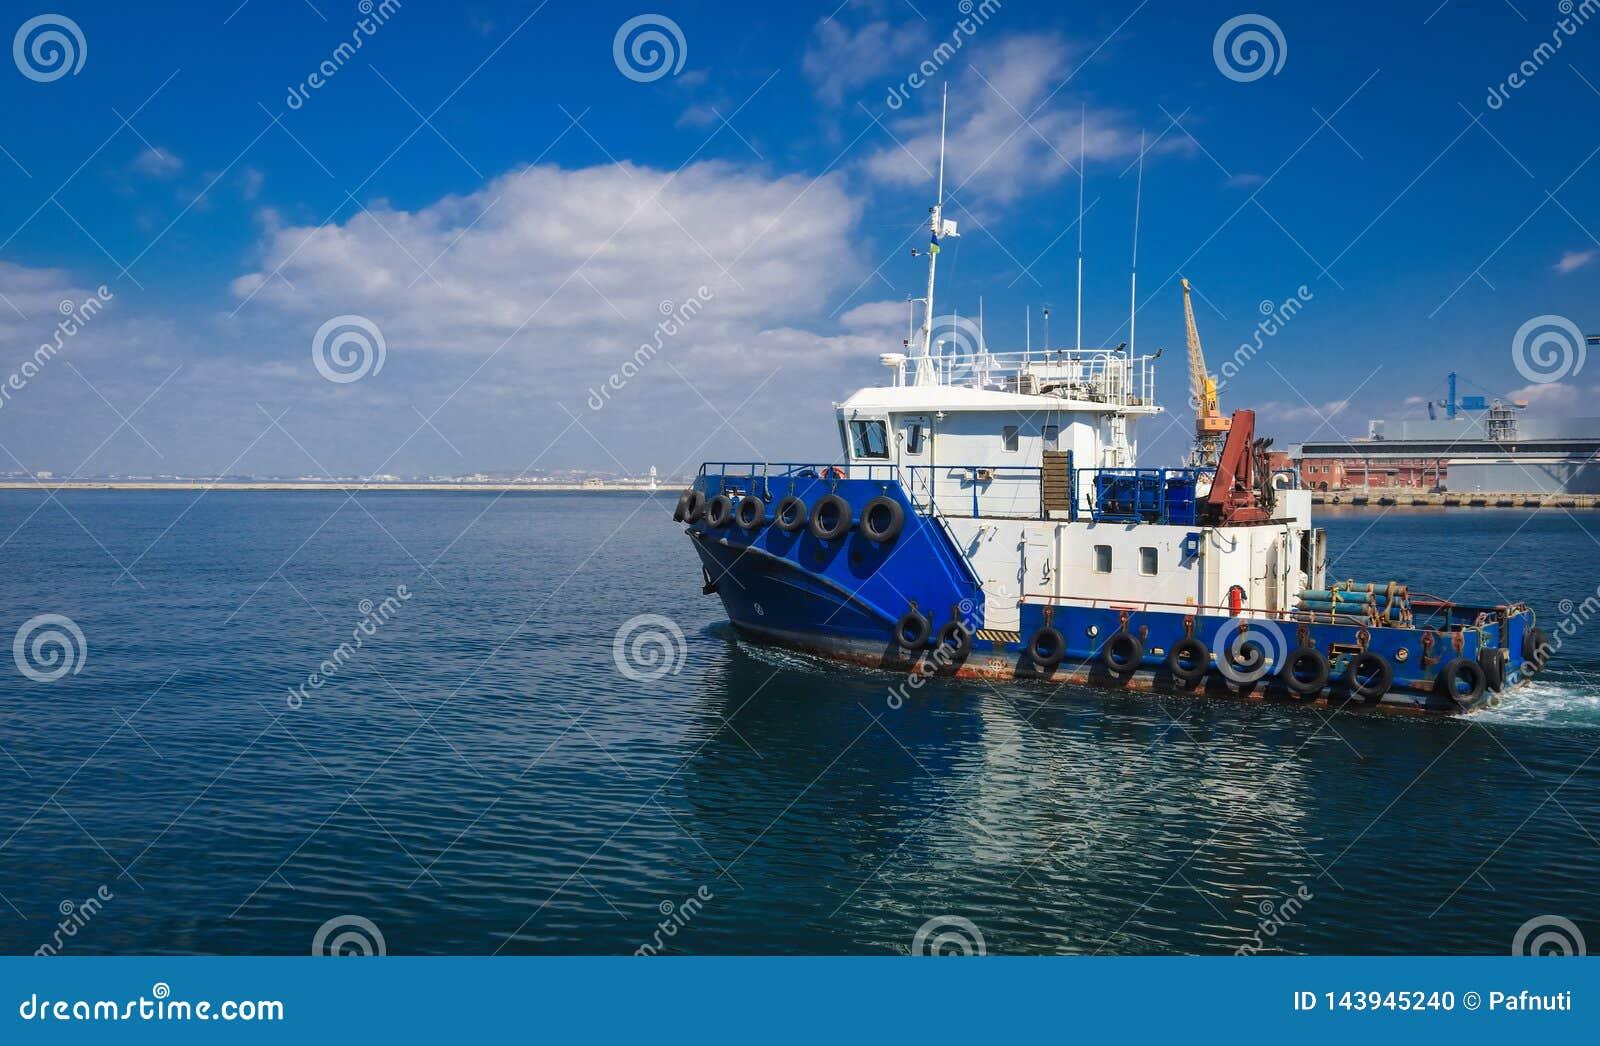 Slepend schip in de open zee, blauwe sleepboot die op overzees varen